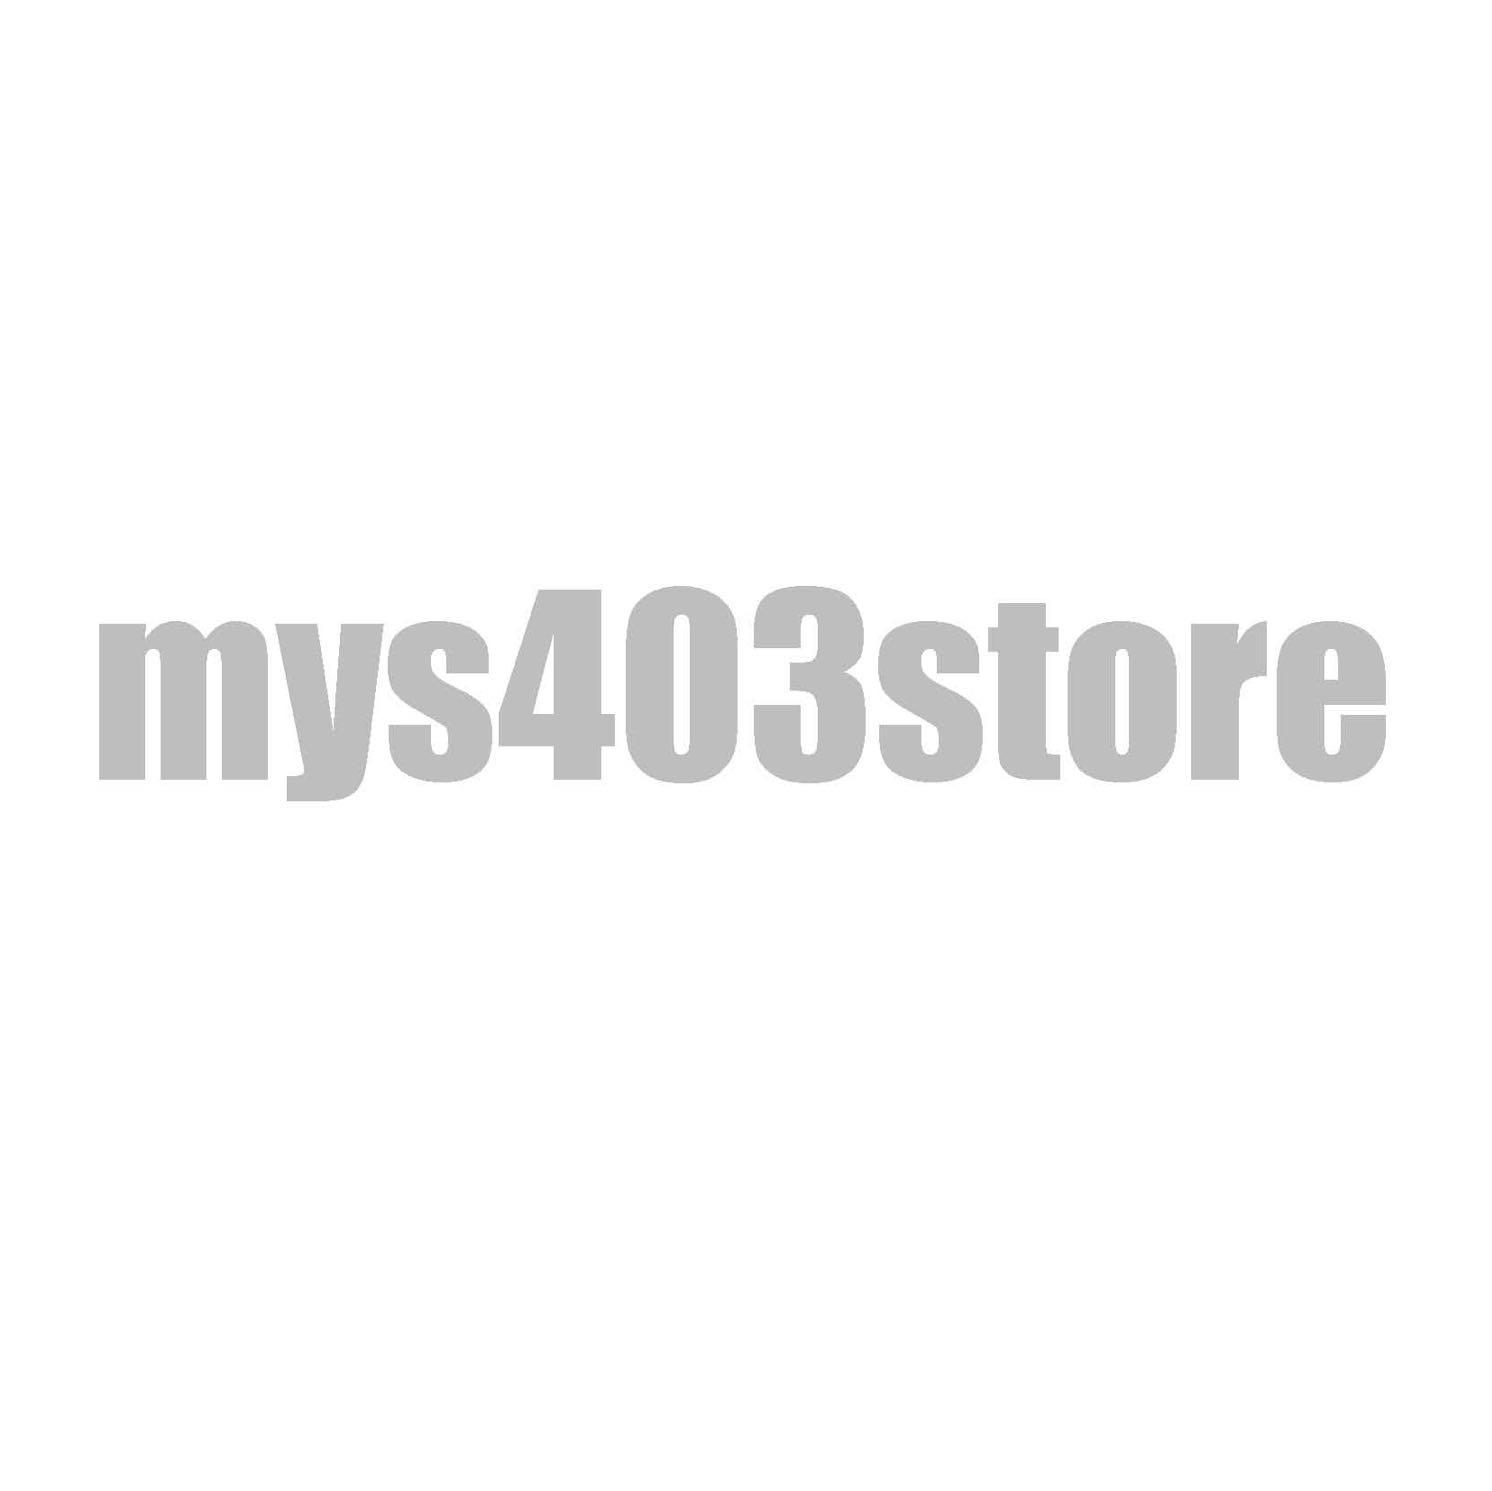 mys403